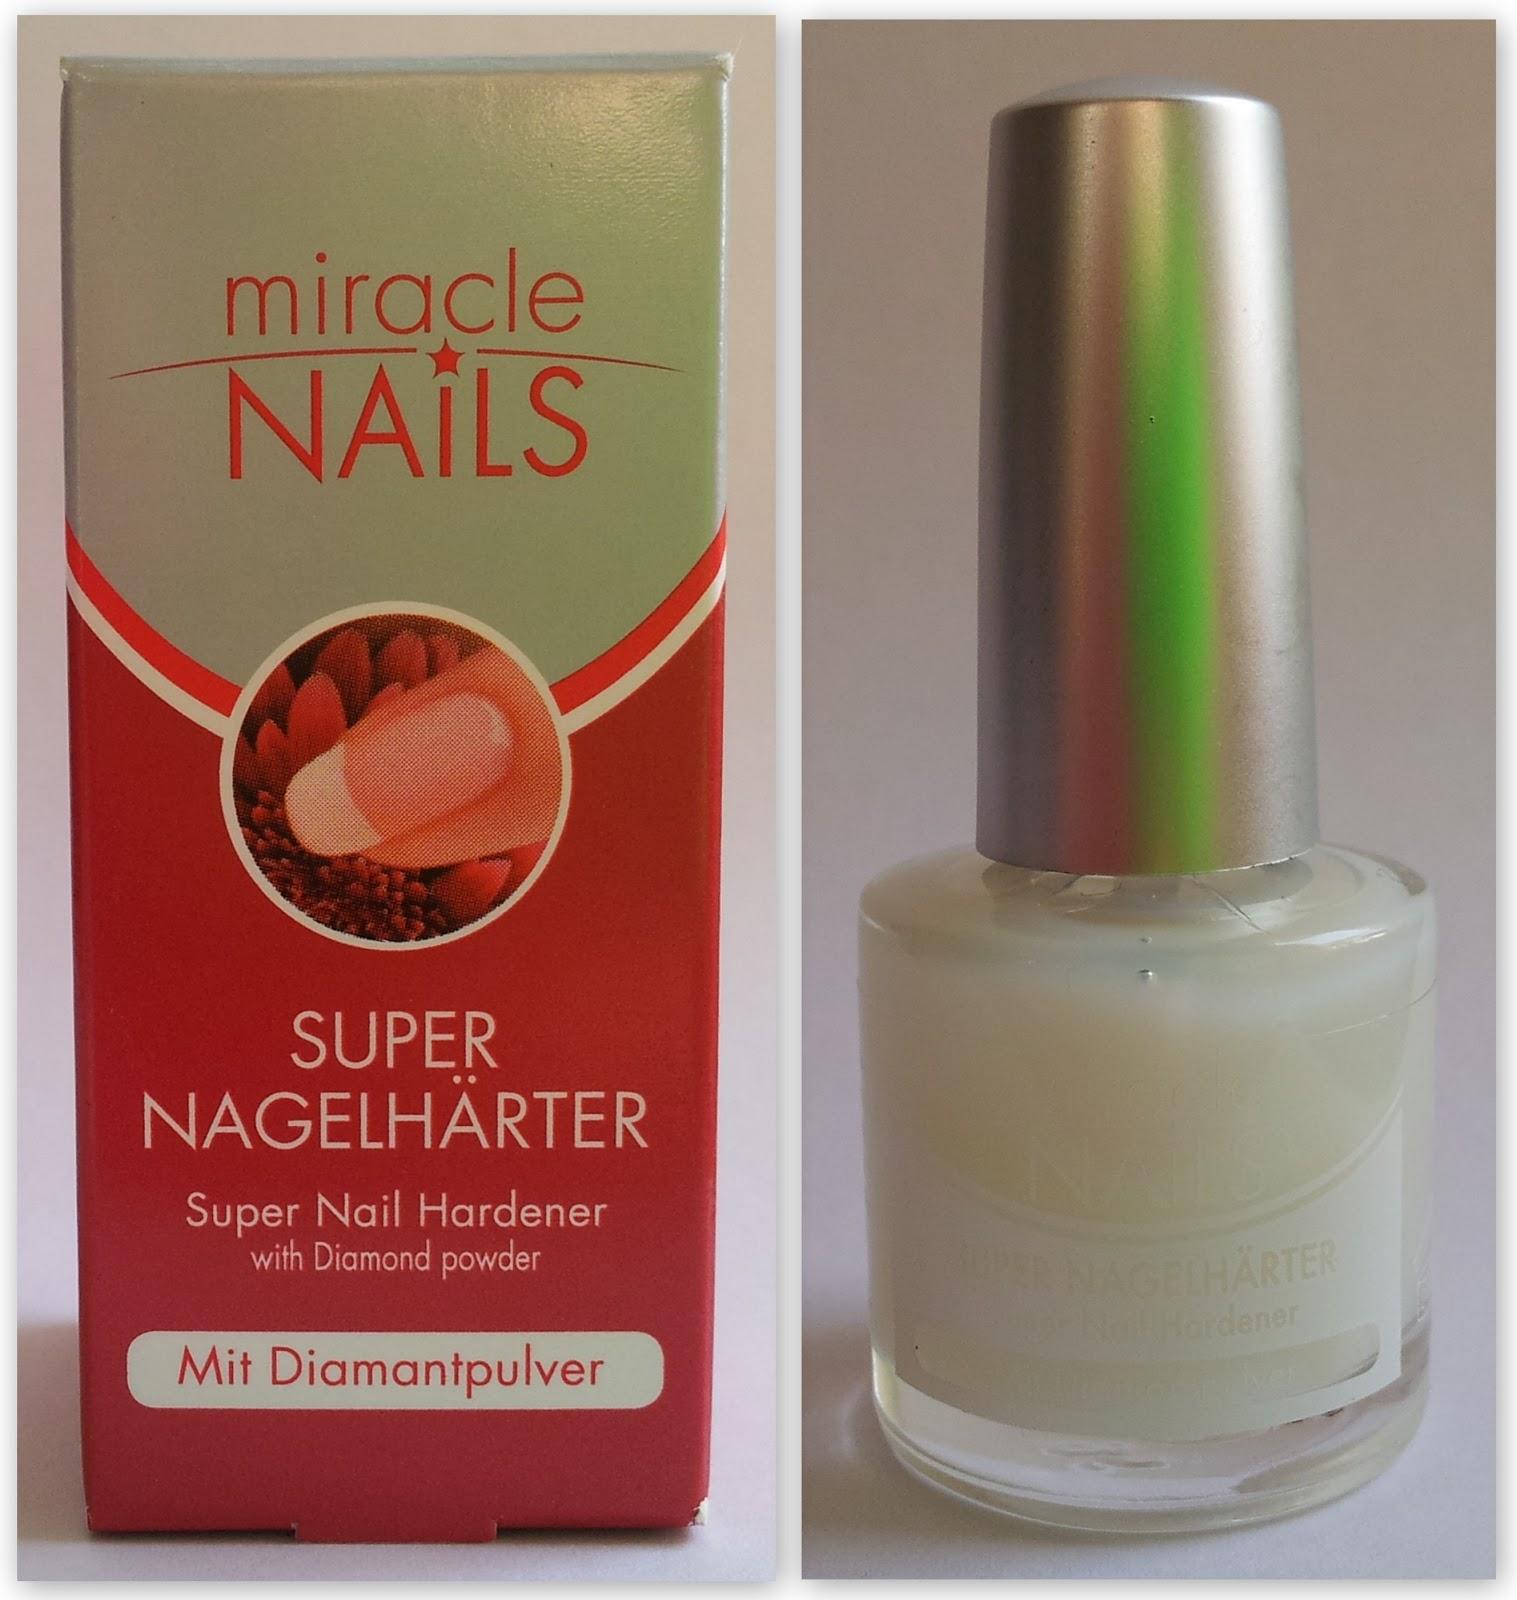 Miracle Nails Super Nagelhärter - Vorstellung und Ausgangslage ...